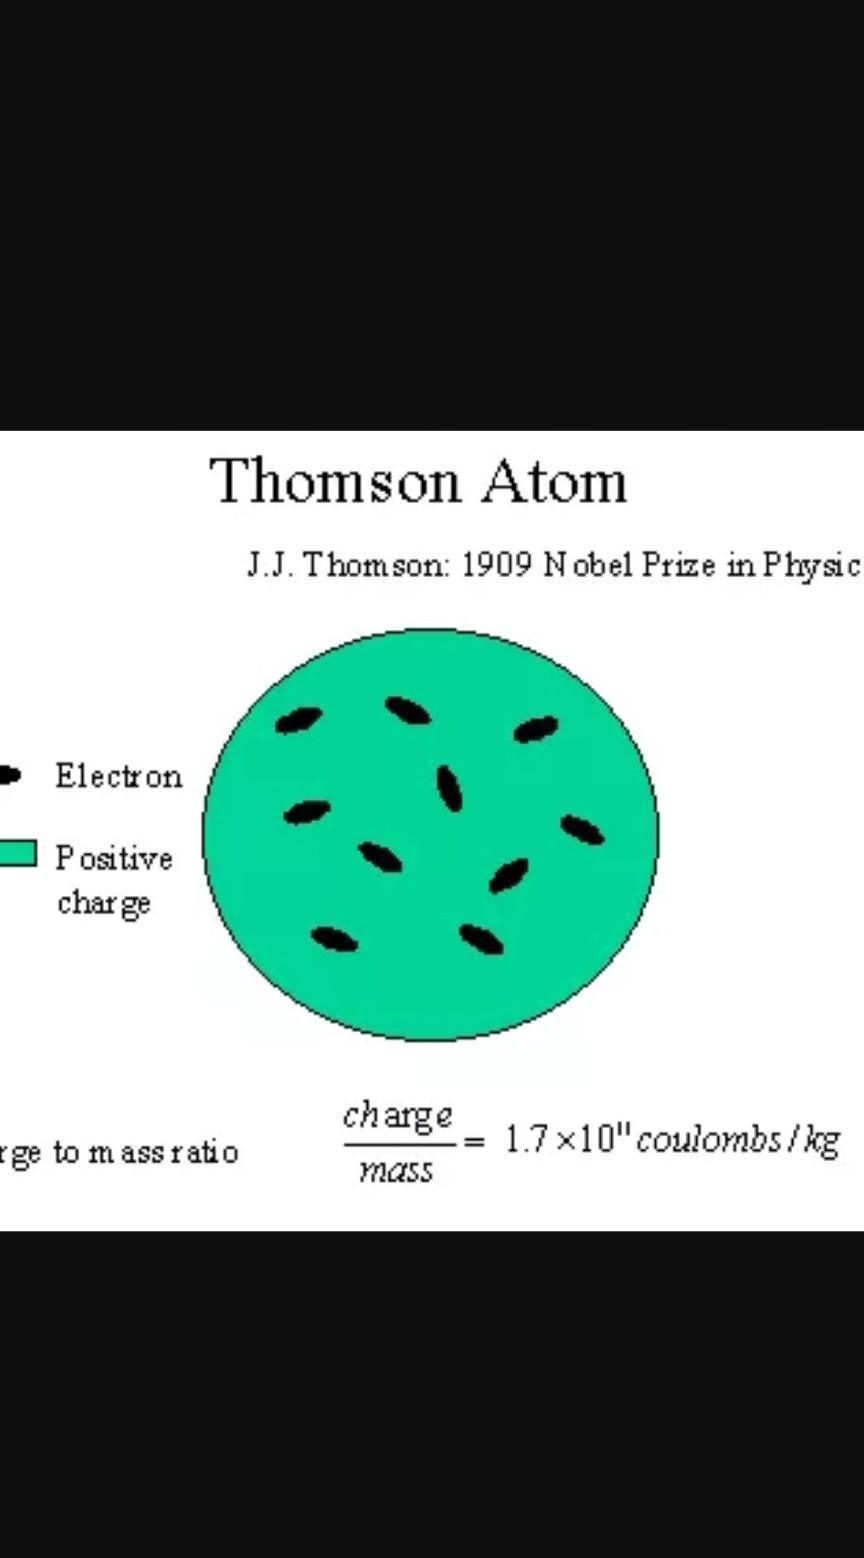 Teori Atom Menurut Para Ahli : teori, menurut, Tuliskan, Teori, Menurut, Minimal, Gambarkan, Struktur, Brainly.co.id